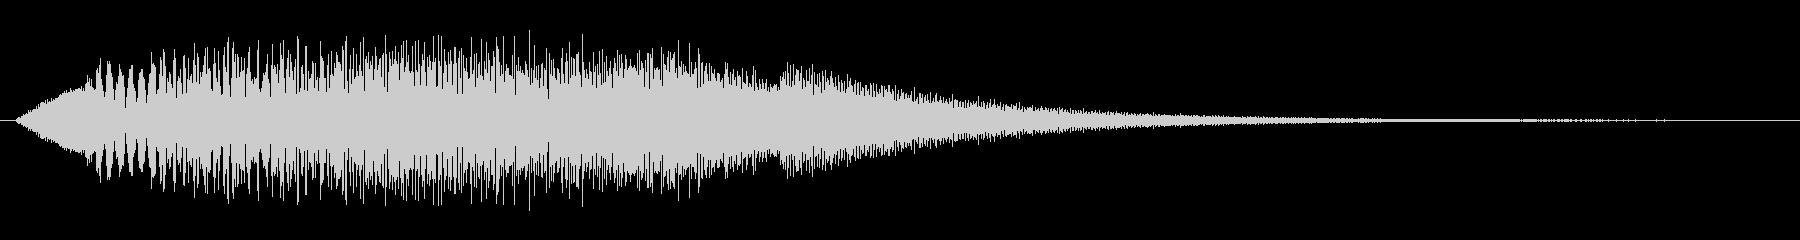 キラキラ(綺麗な上昇音)の未再生の波形